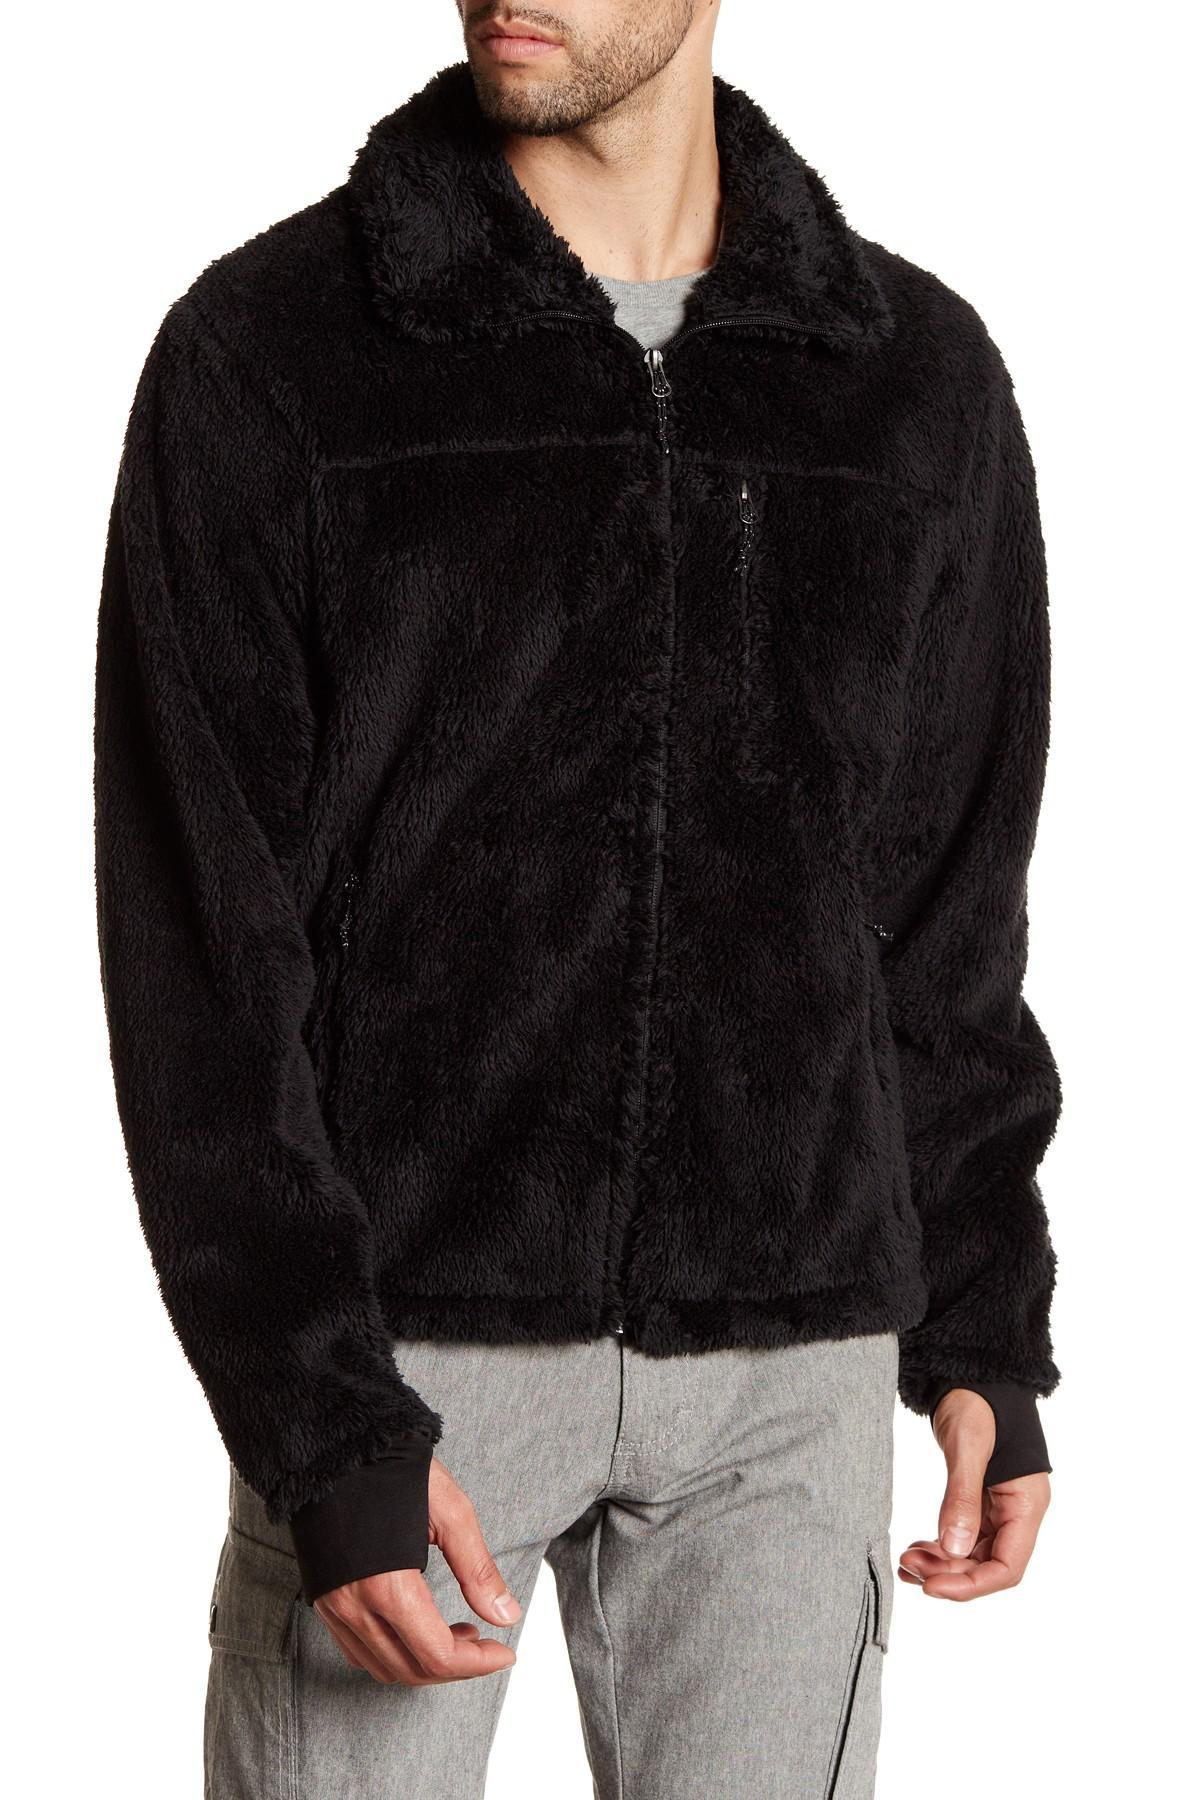 Lyst Hawke Amp Co Fleece Jacket In Black For Men